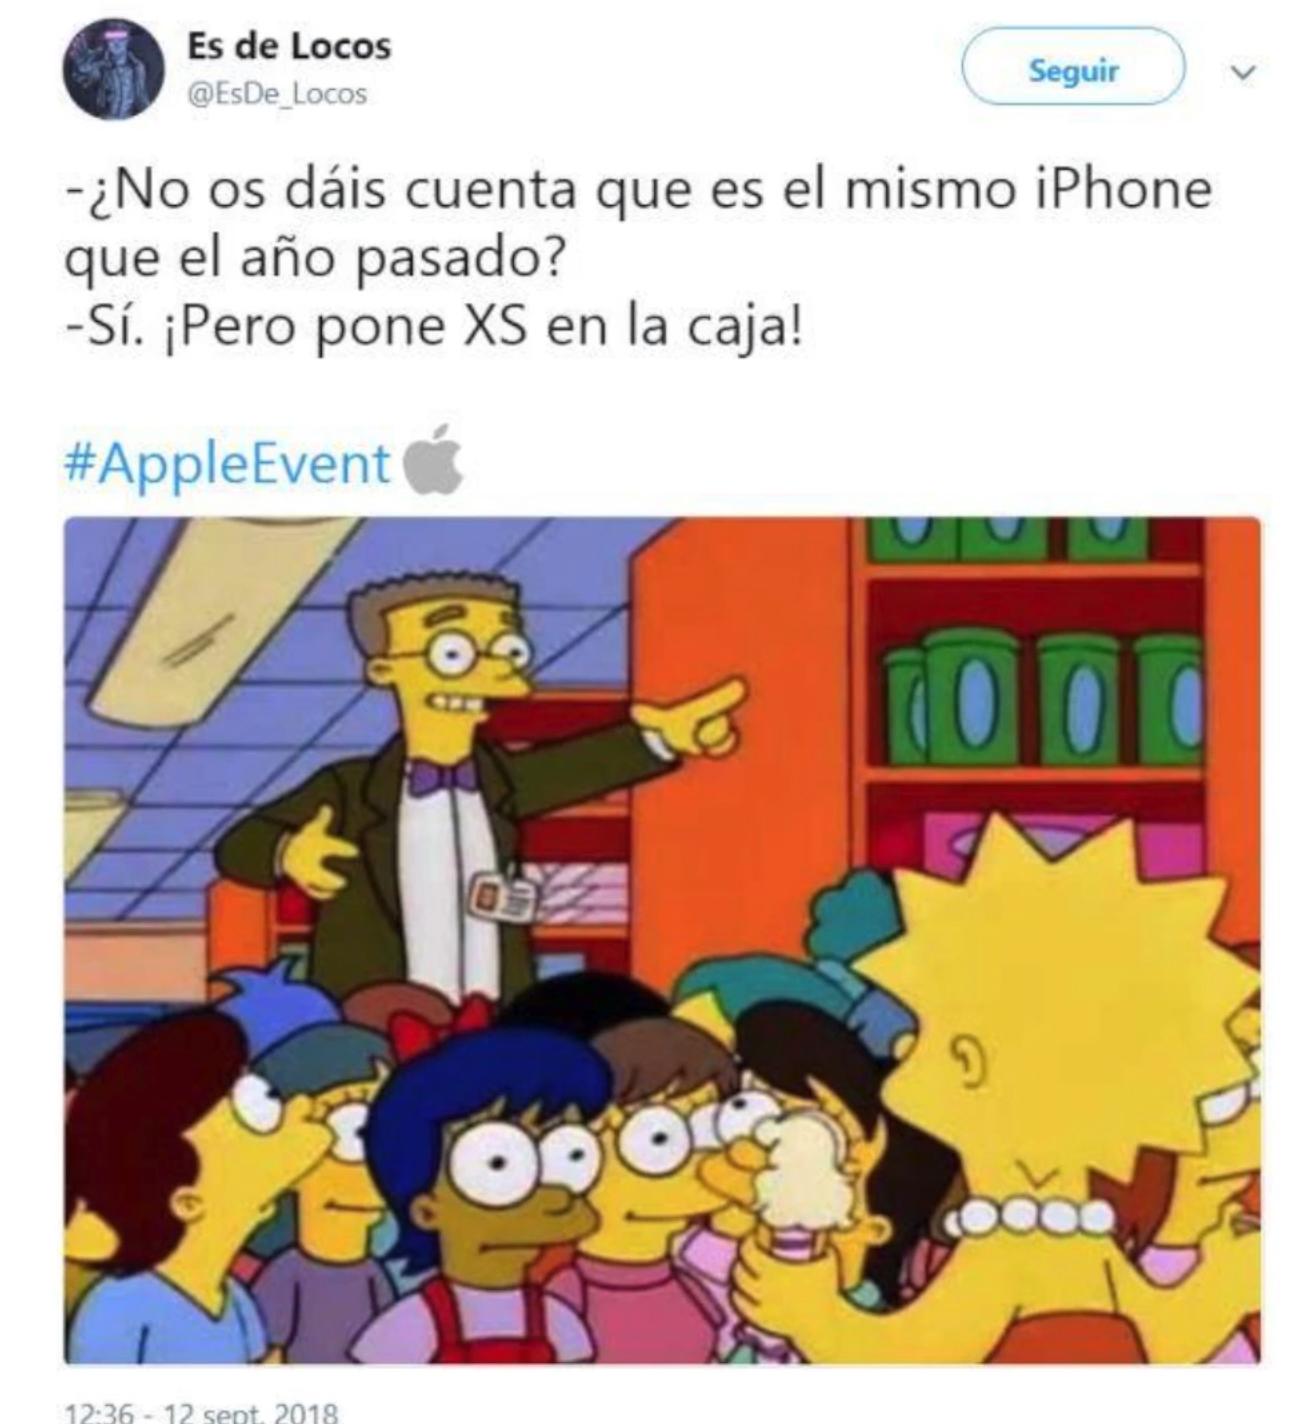 Meme sobre el nombre de los nuevos iPhone XS y XS Max